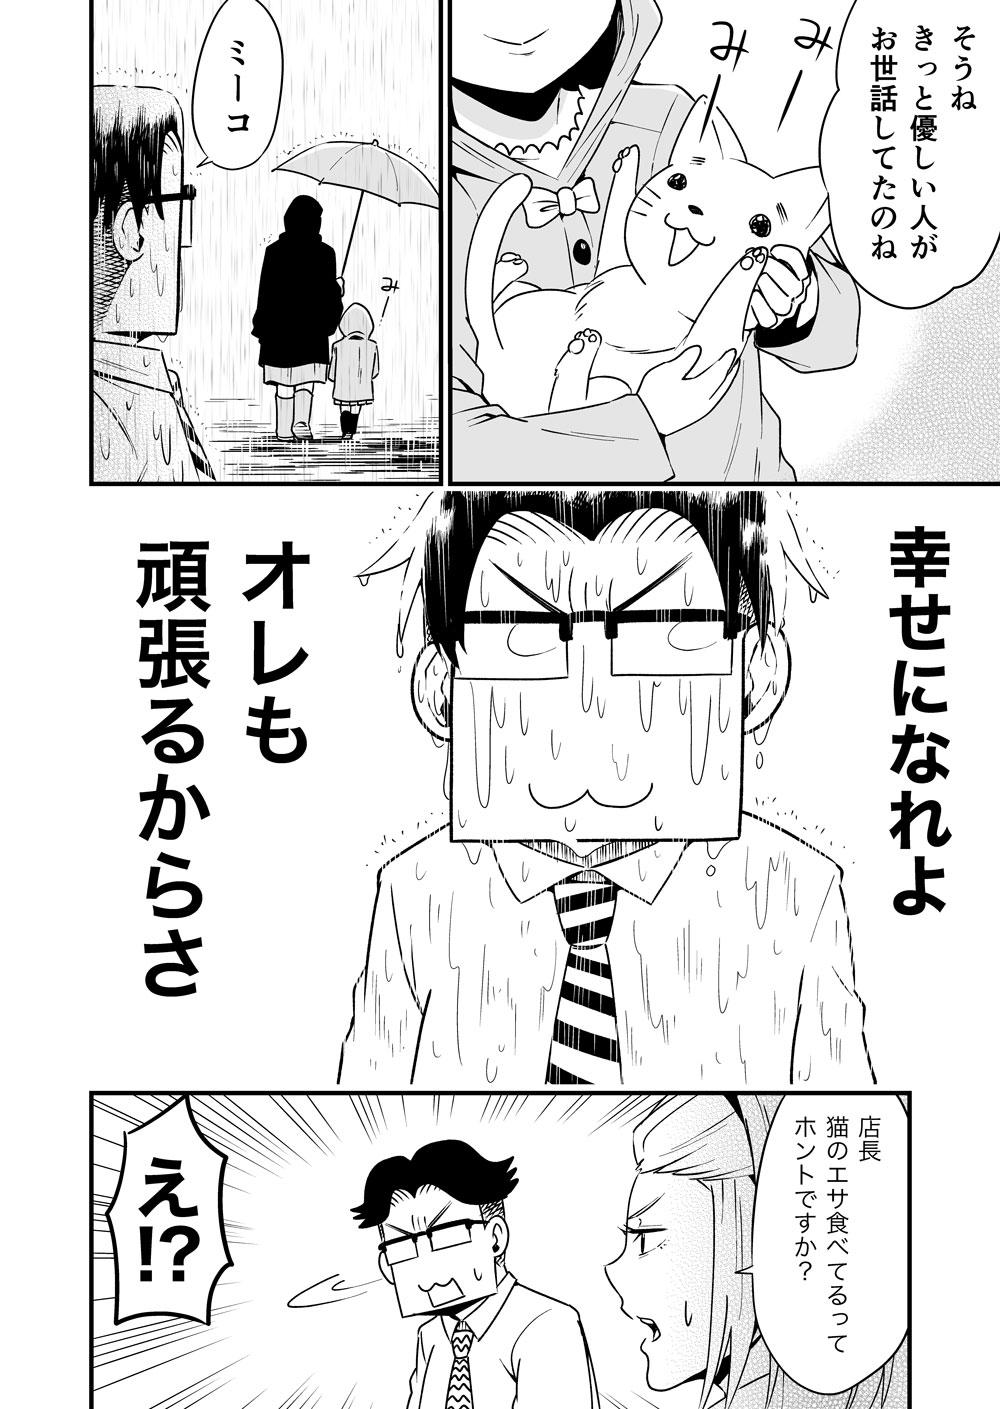 レジの佐藤さんはあがり症8話完成_008